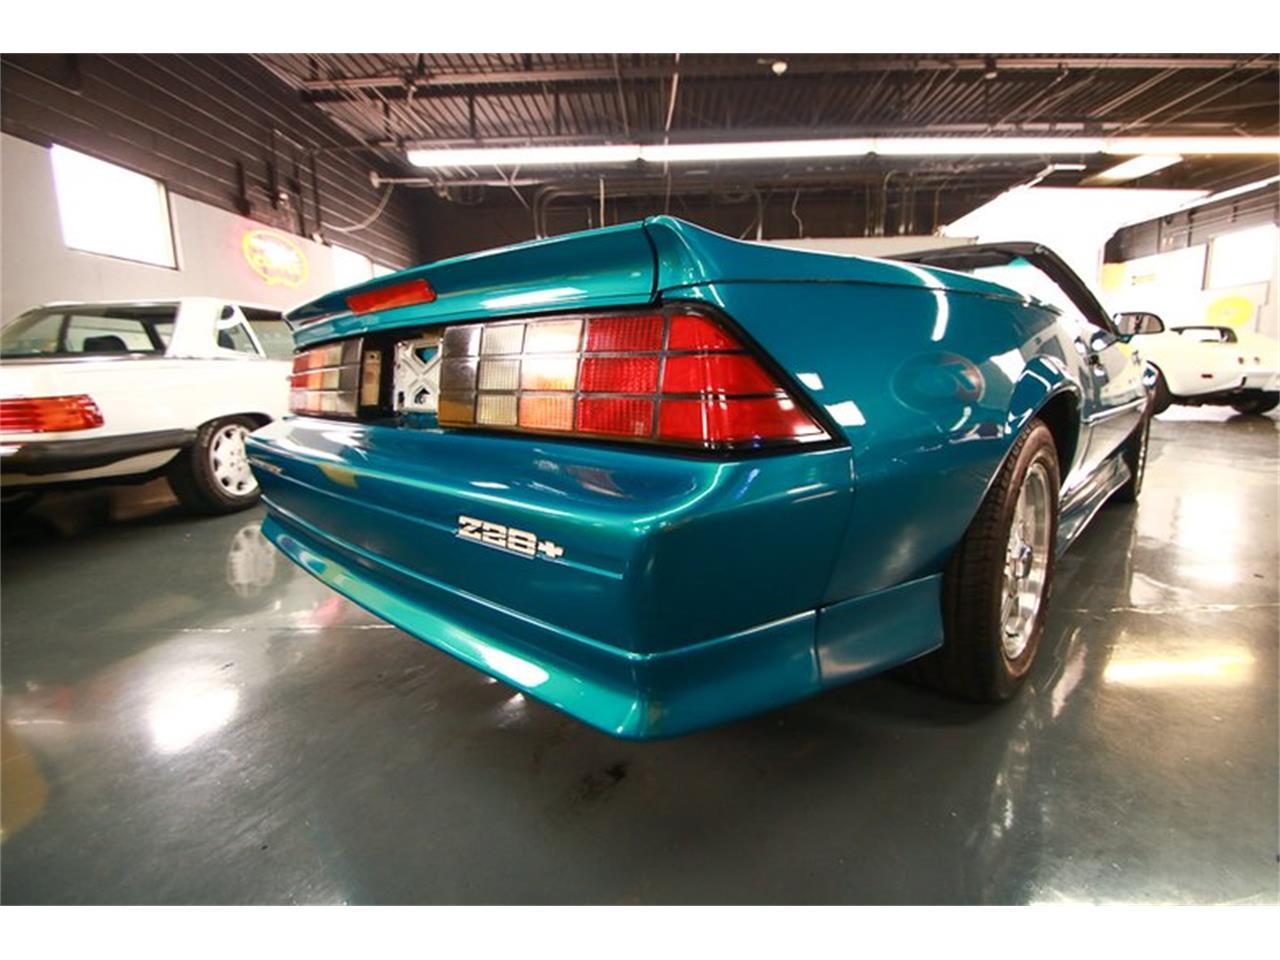 Large Picture of '92 Chevrolet Camaro located in Ohio - $12,900.00 - QLU7